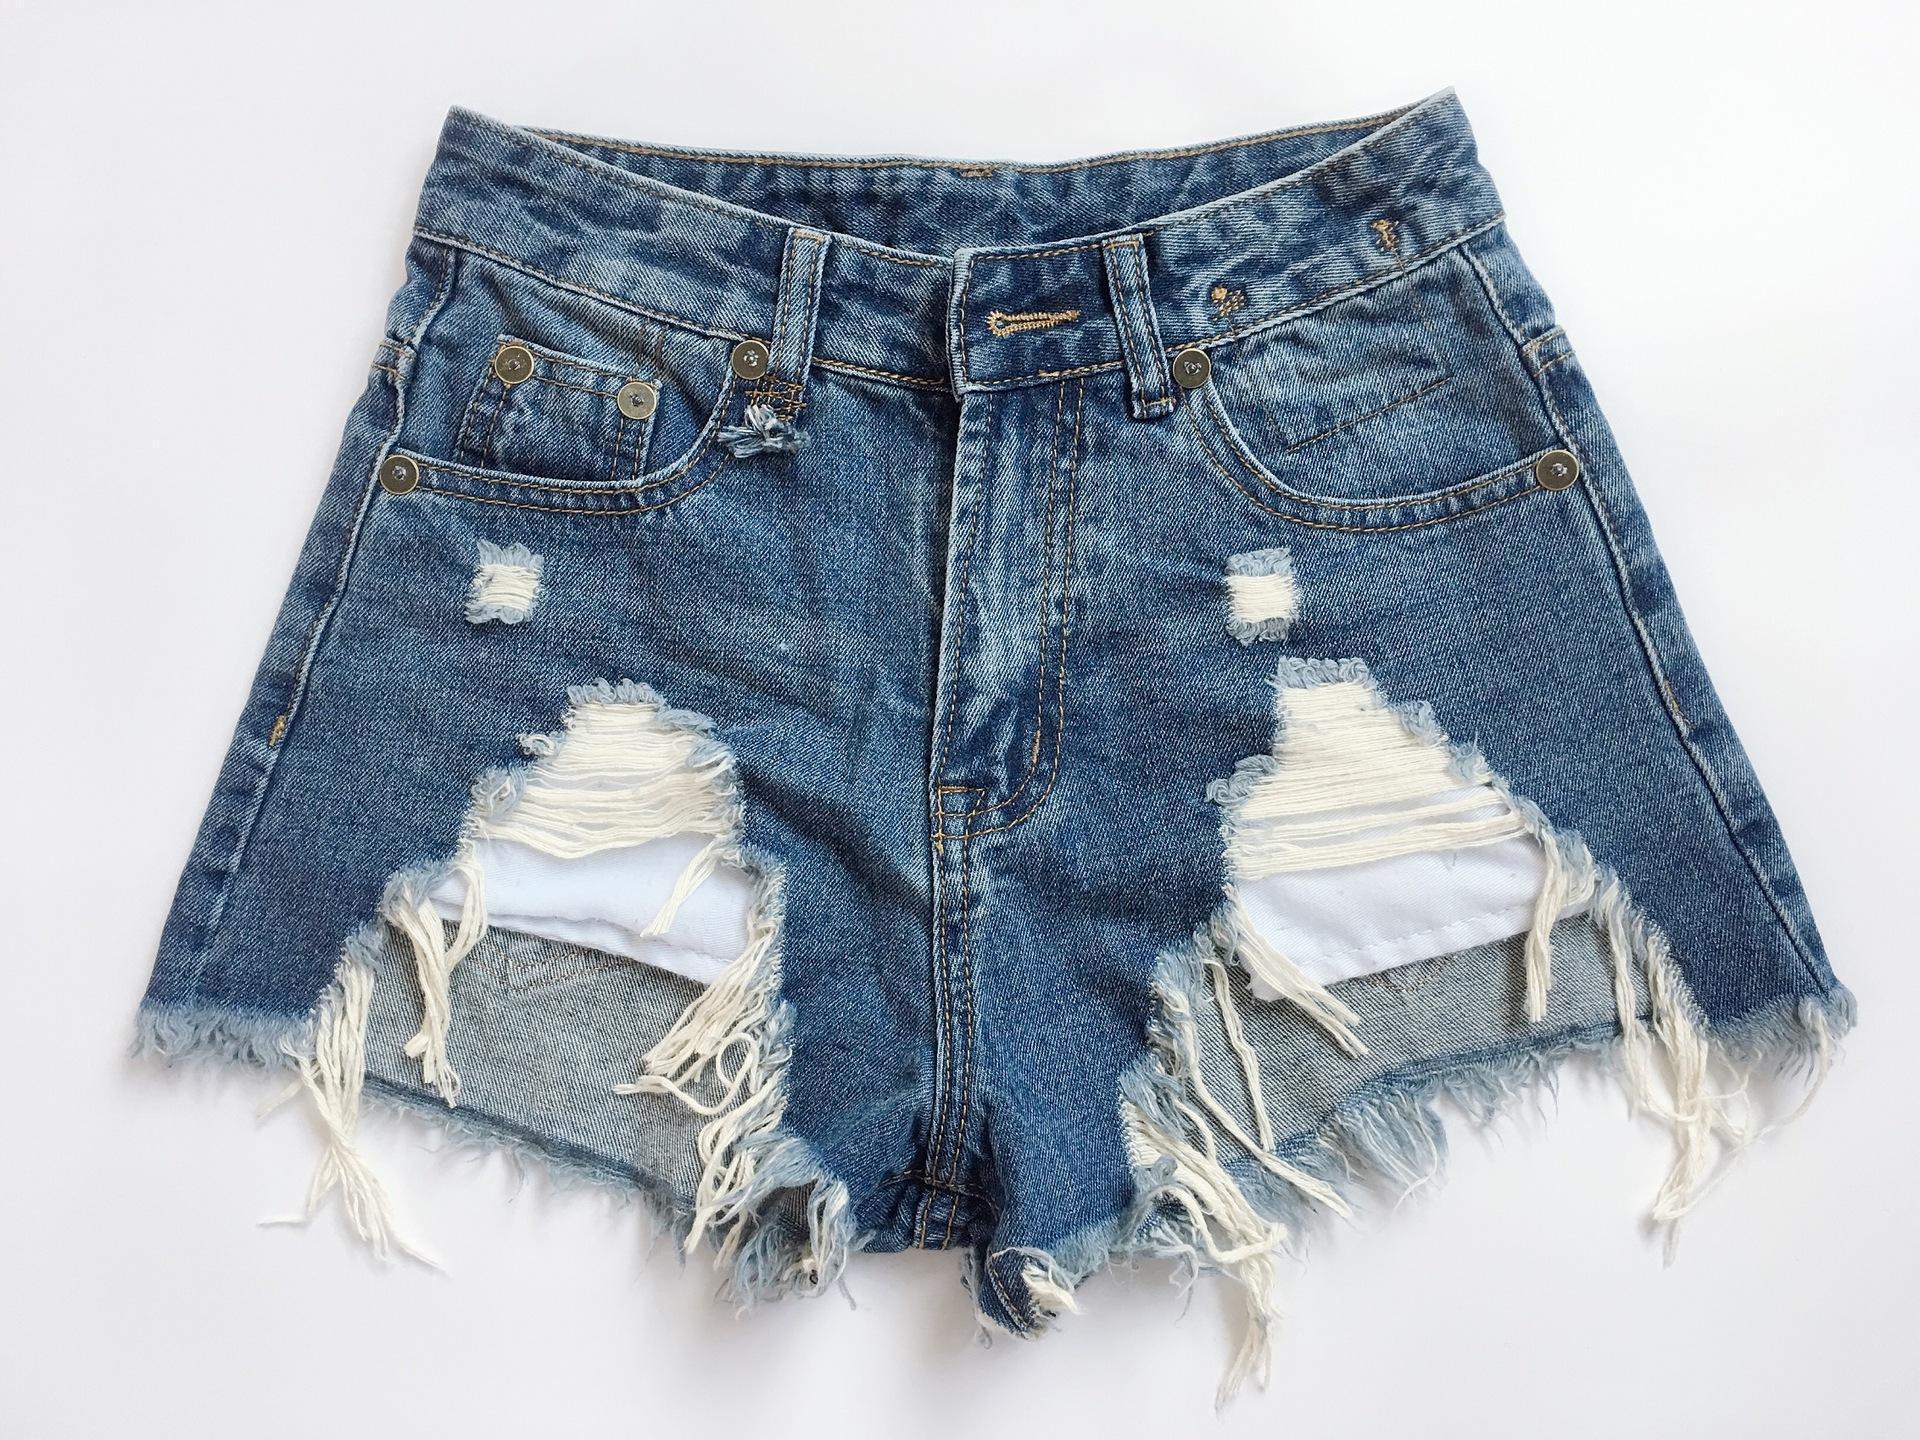 Estate Donne RI3 pantaloncini jeans di modo delle donne della nappa di stile freddo fori foro lavato usurato pantaloncini bave jean ragazza formato asiatico 25-30 zsxx749567 #